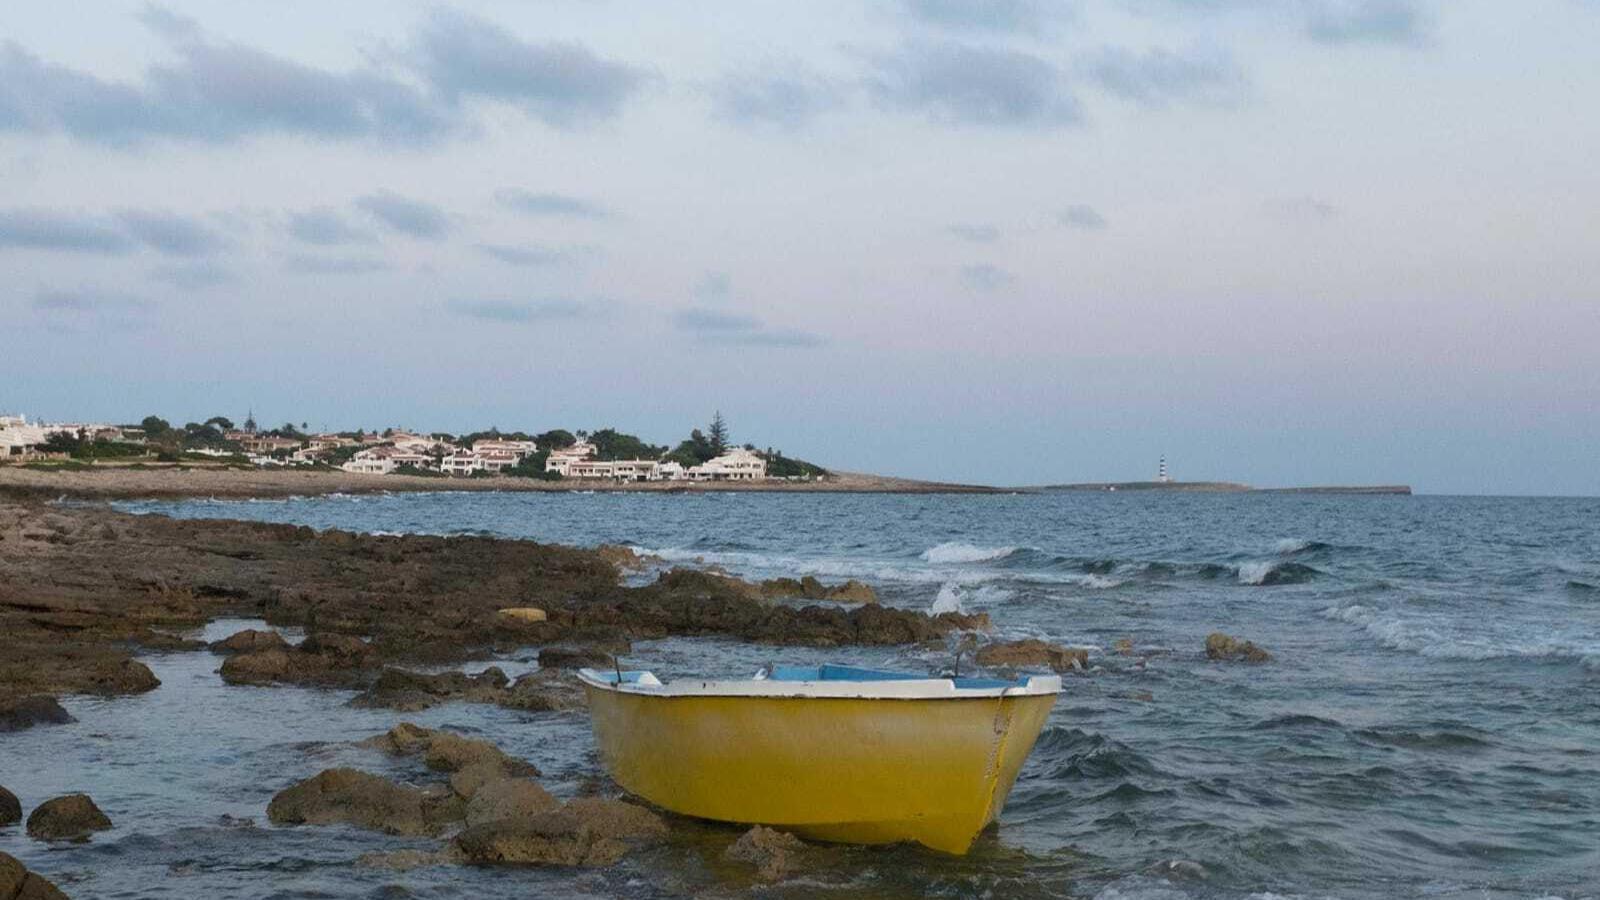 Dels 51 migrants arribats en pastera a Eivissa, 30 han ingressat en CIES i 21 han quedat en llibertat